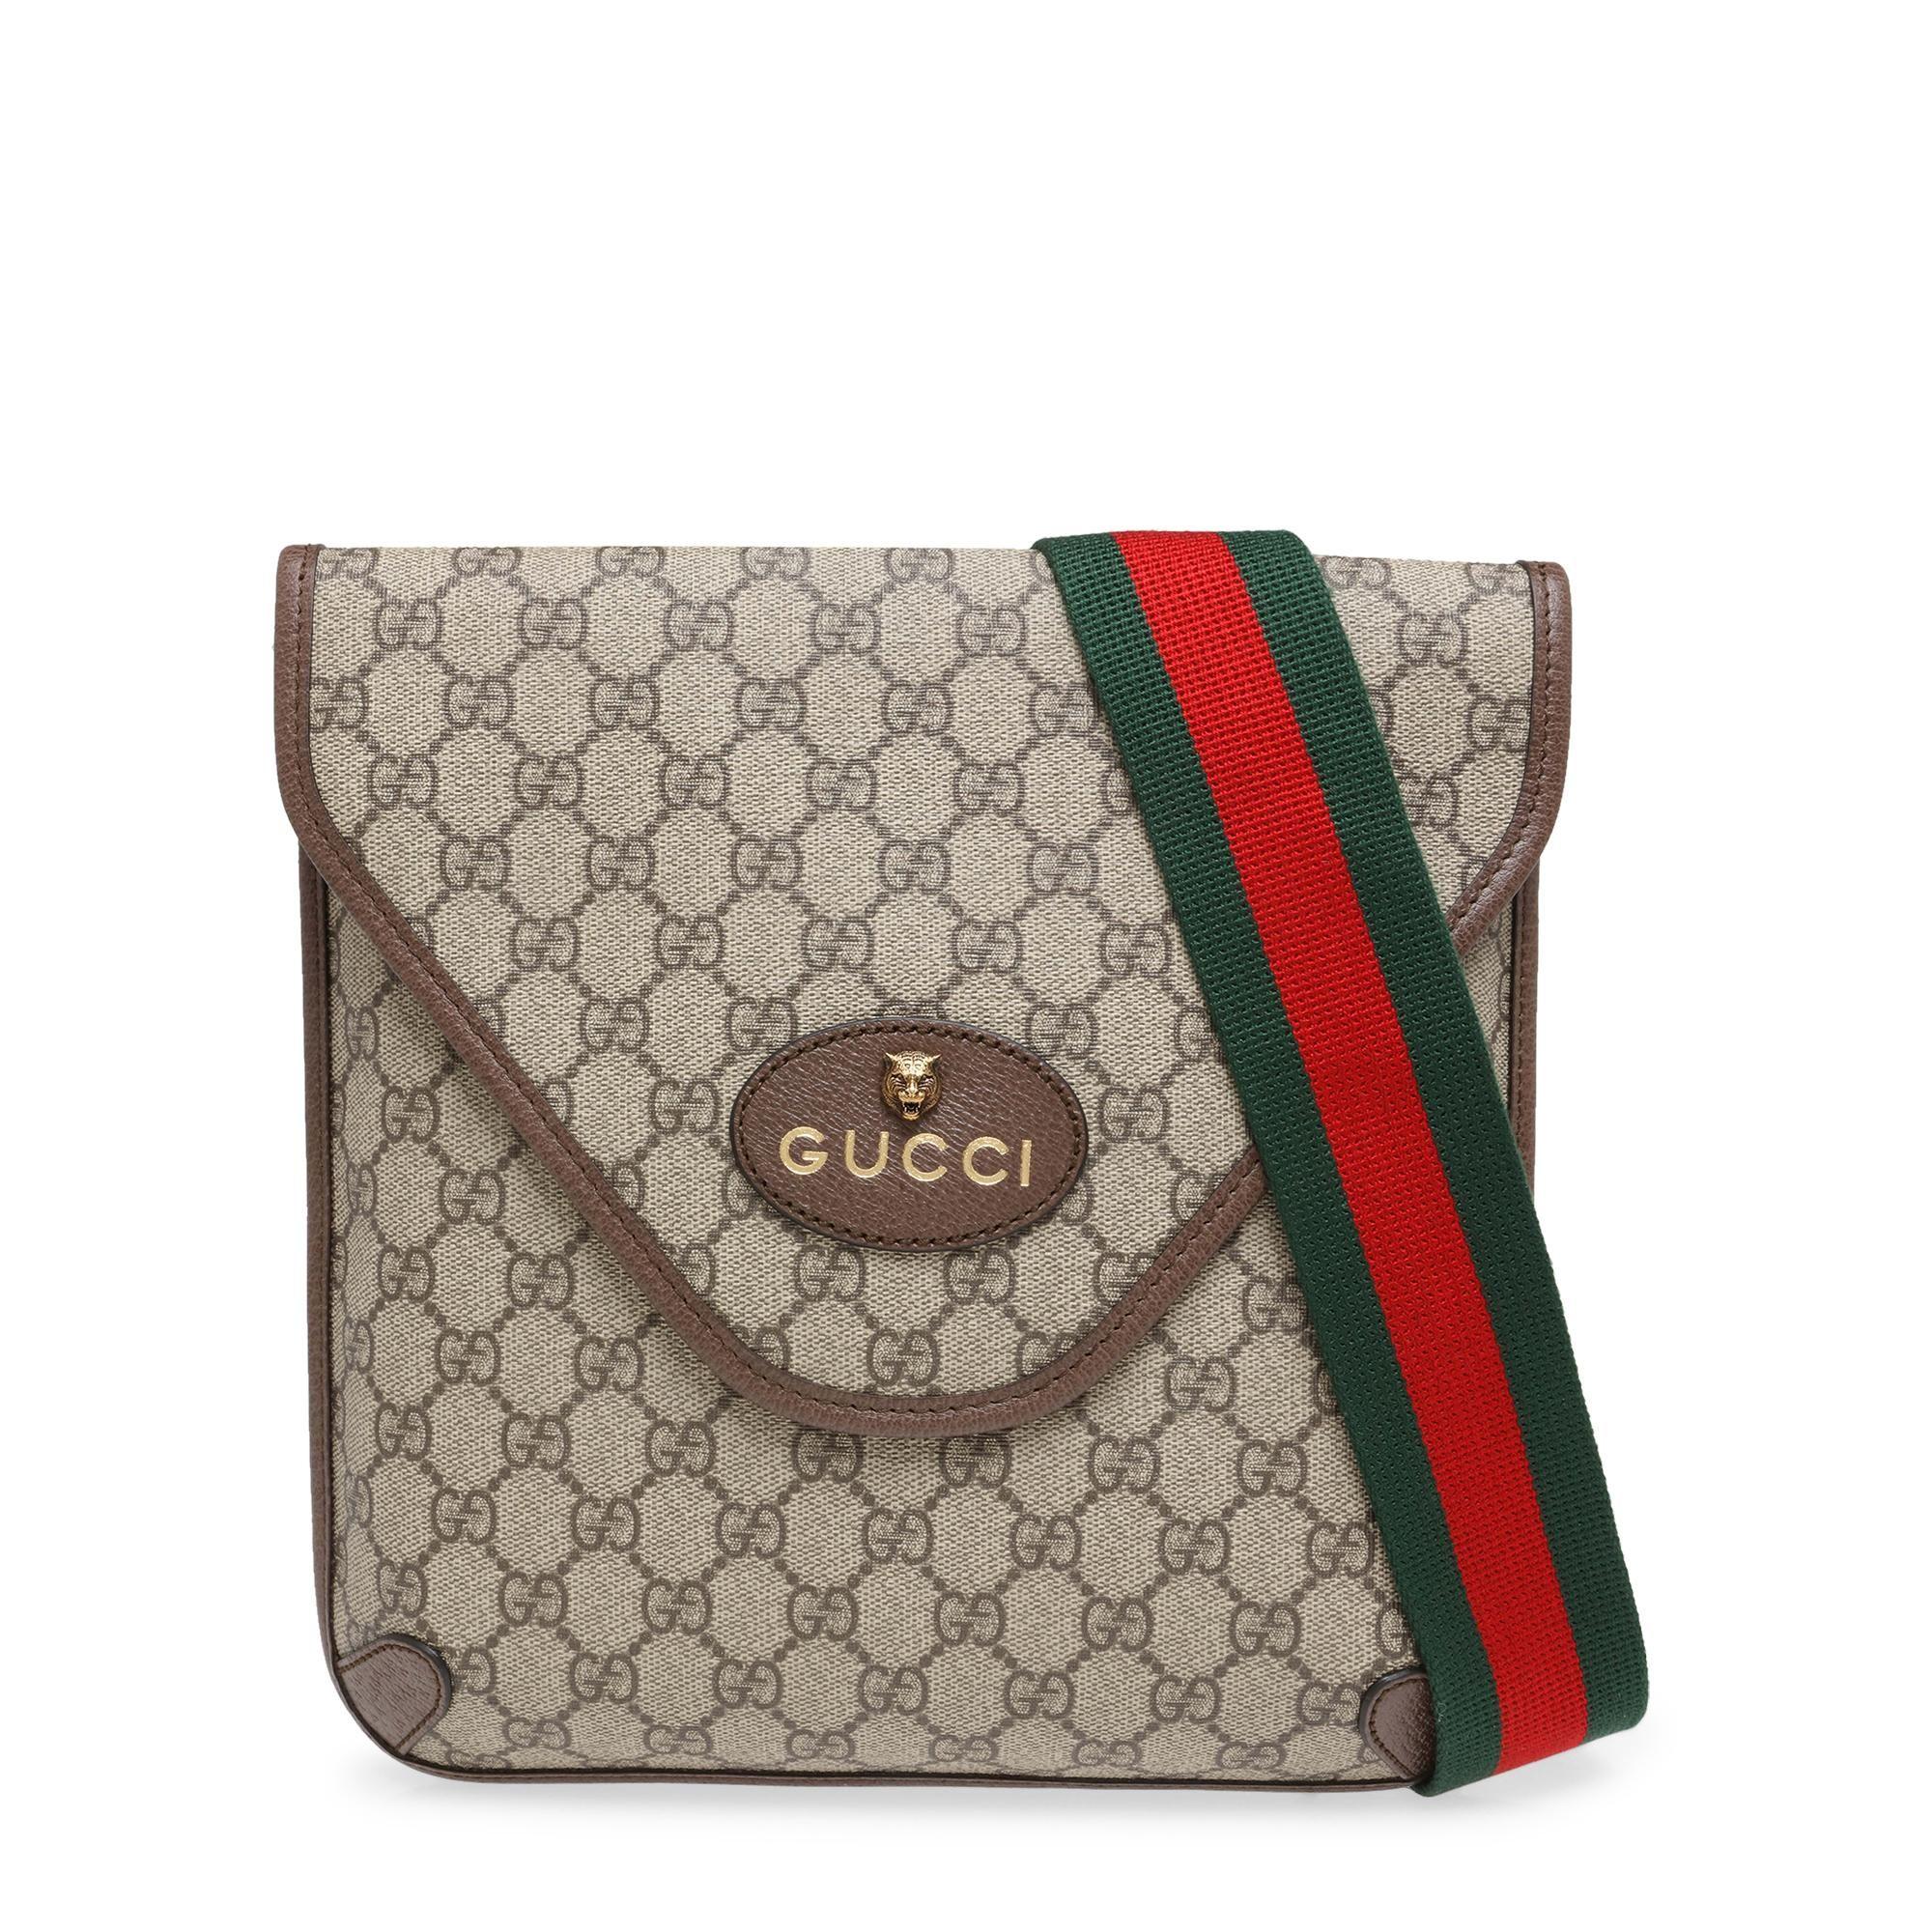 Neo Vintage GG messenger bag